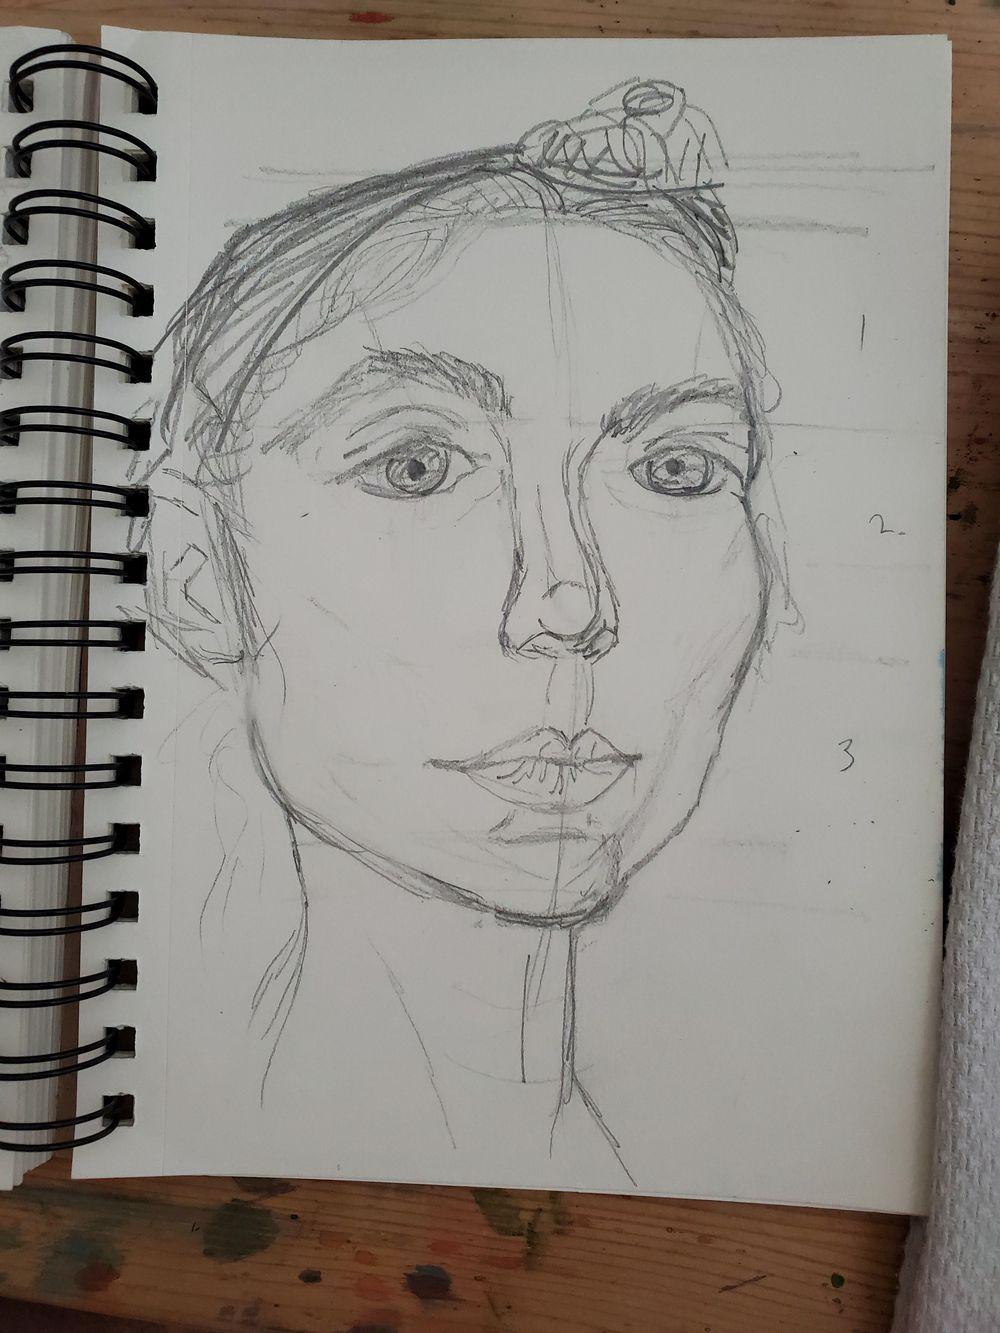 Self Portrait Attempts - image 3 - student project